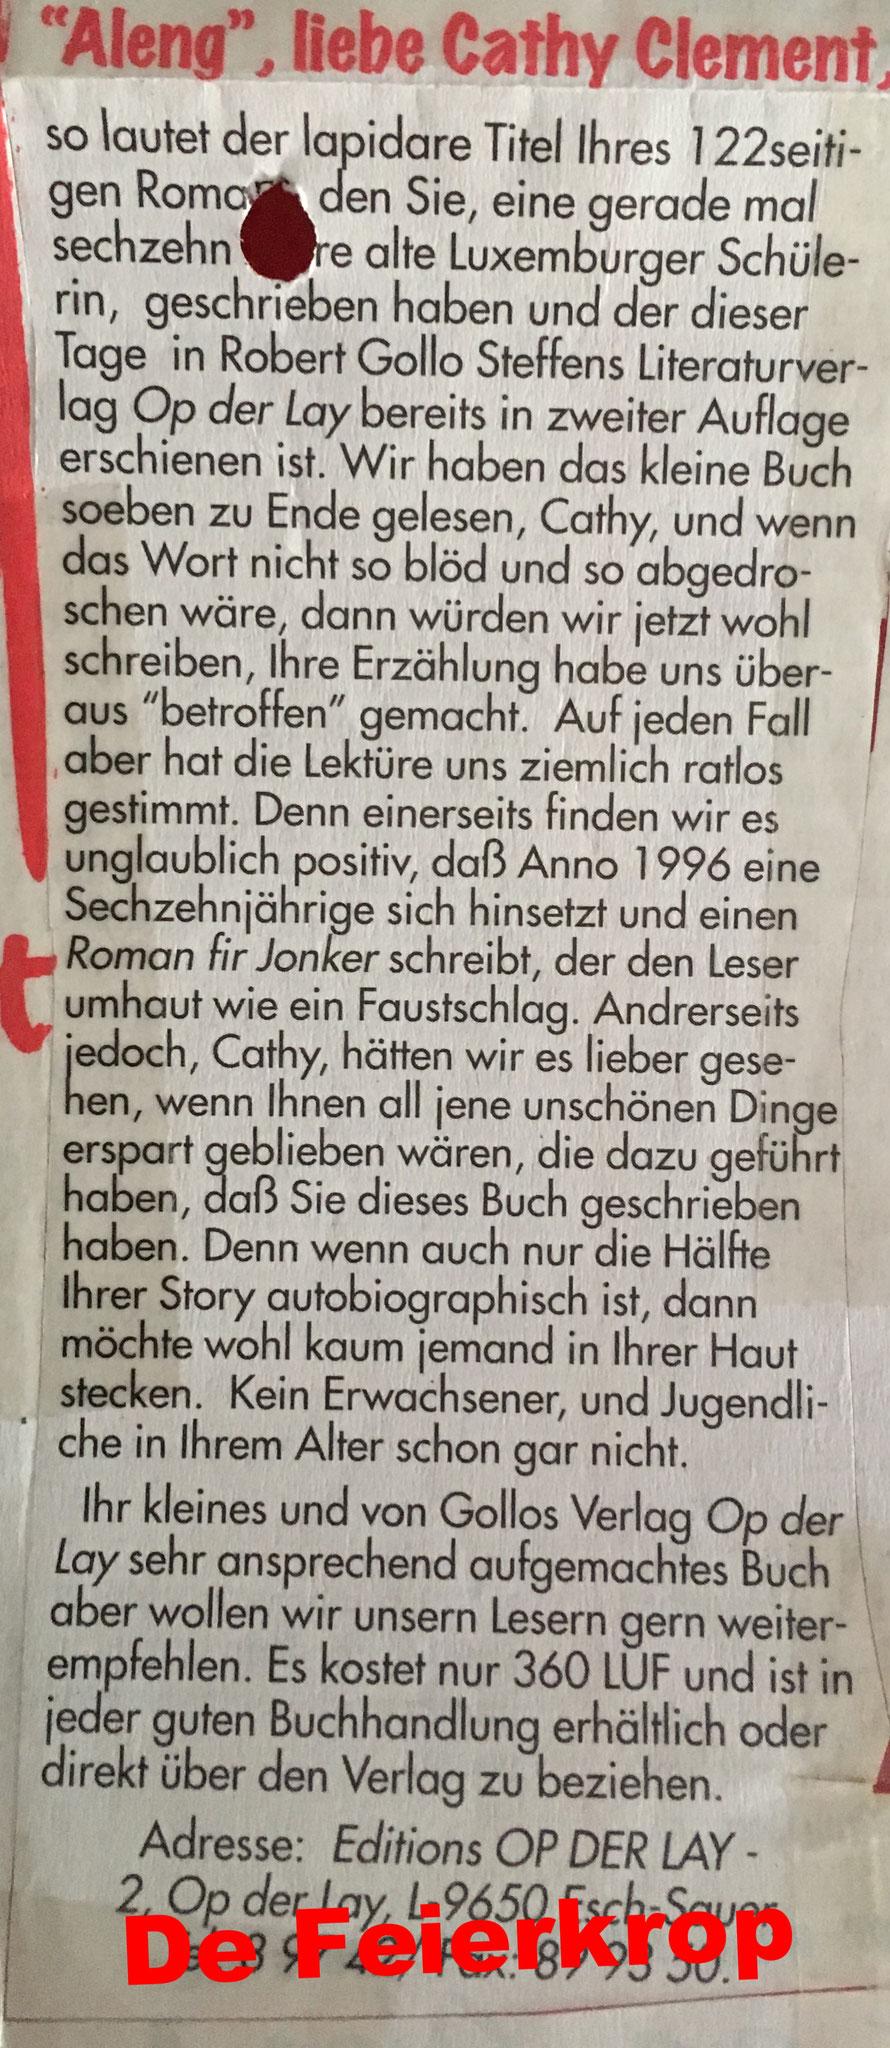 Artikel am Feierkrop iwer Aleng 1996